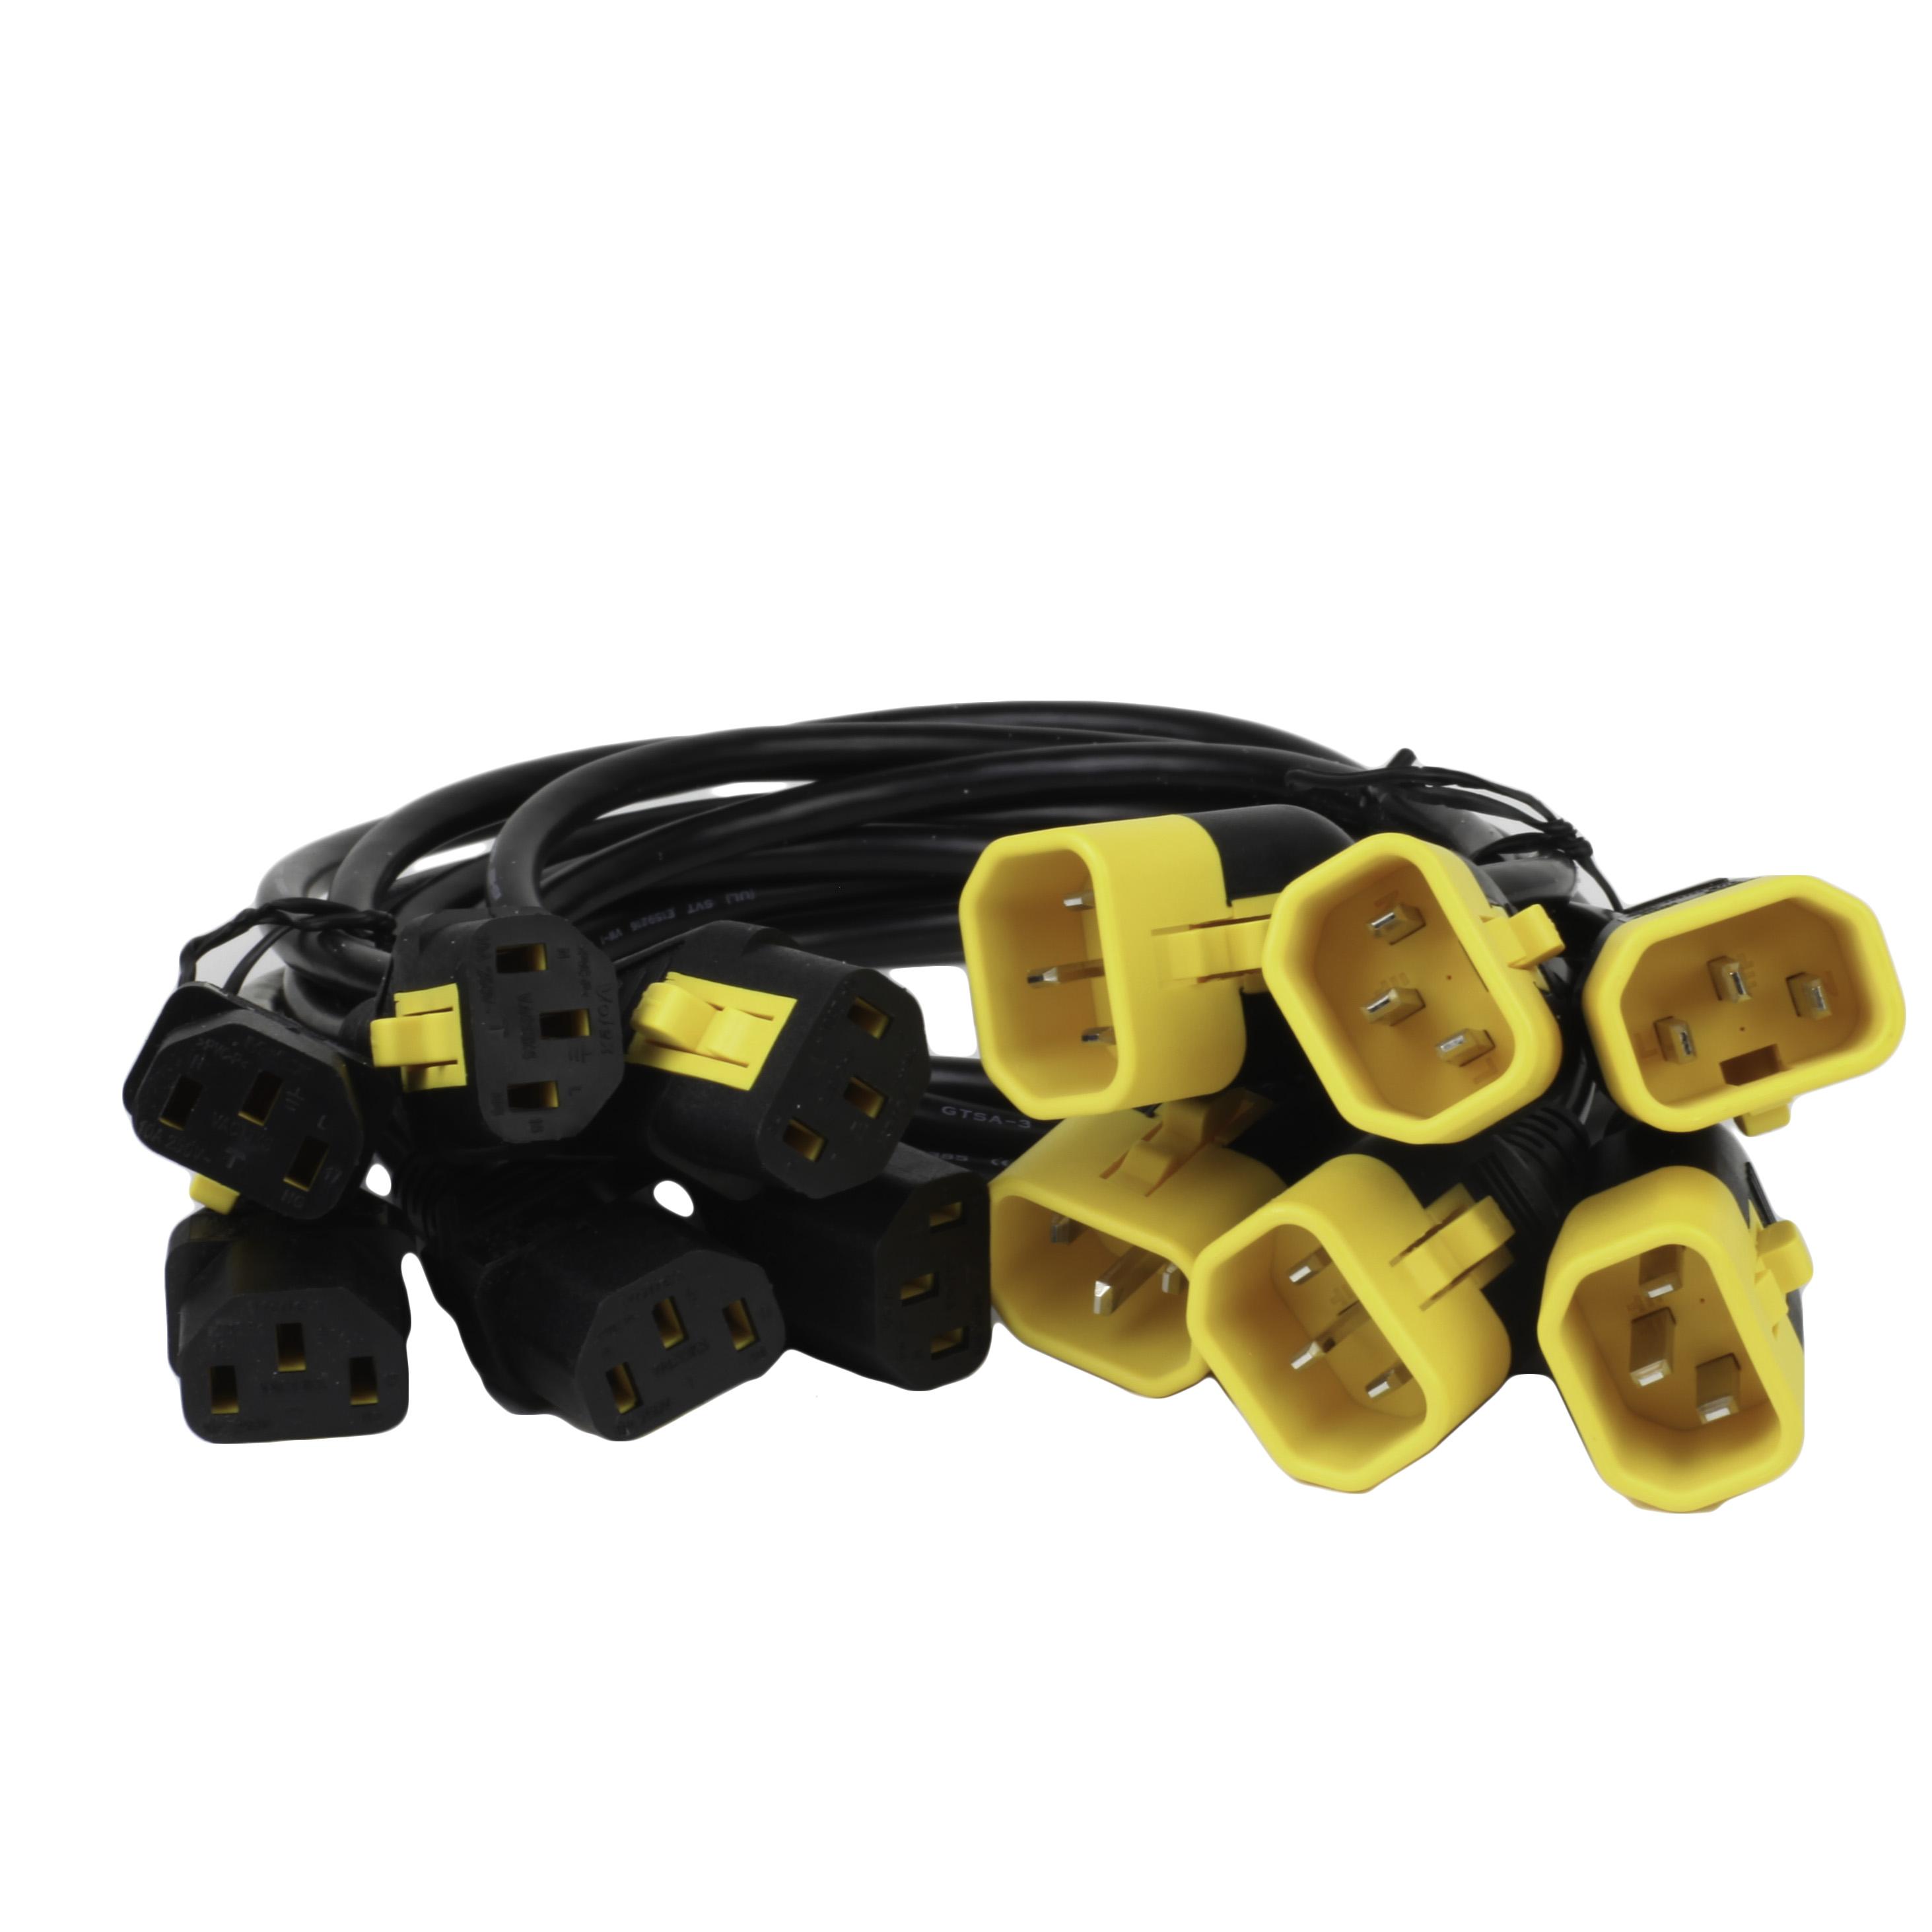 IEC 60320 APC Power Cord Kits